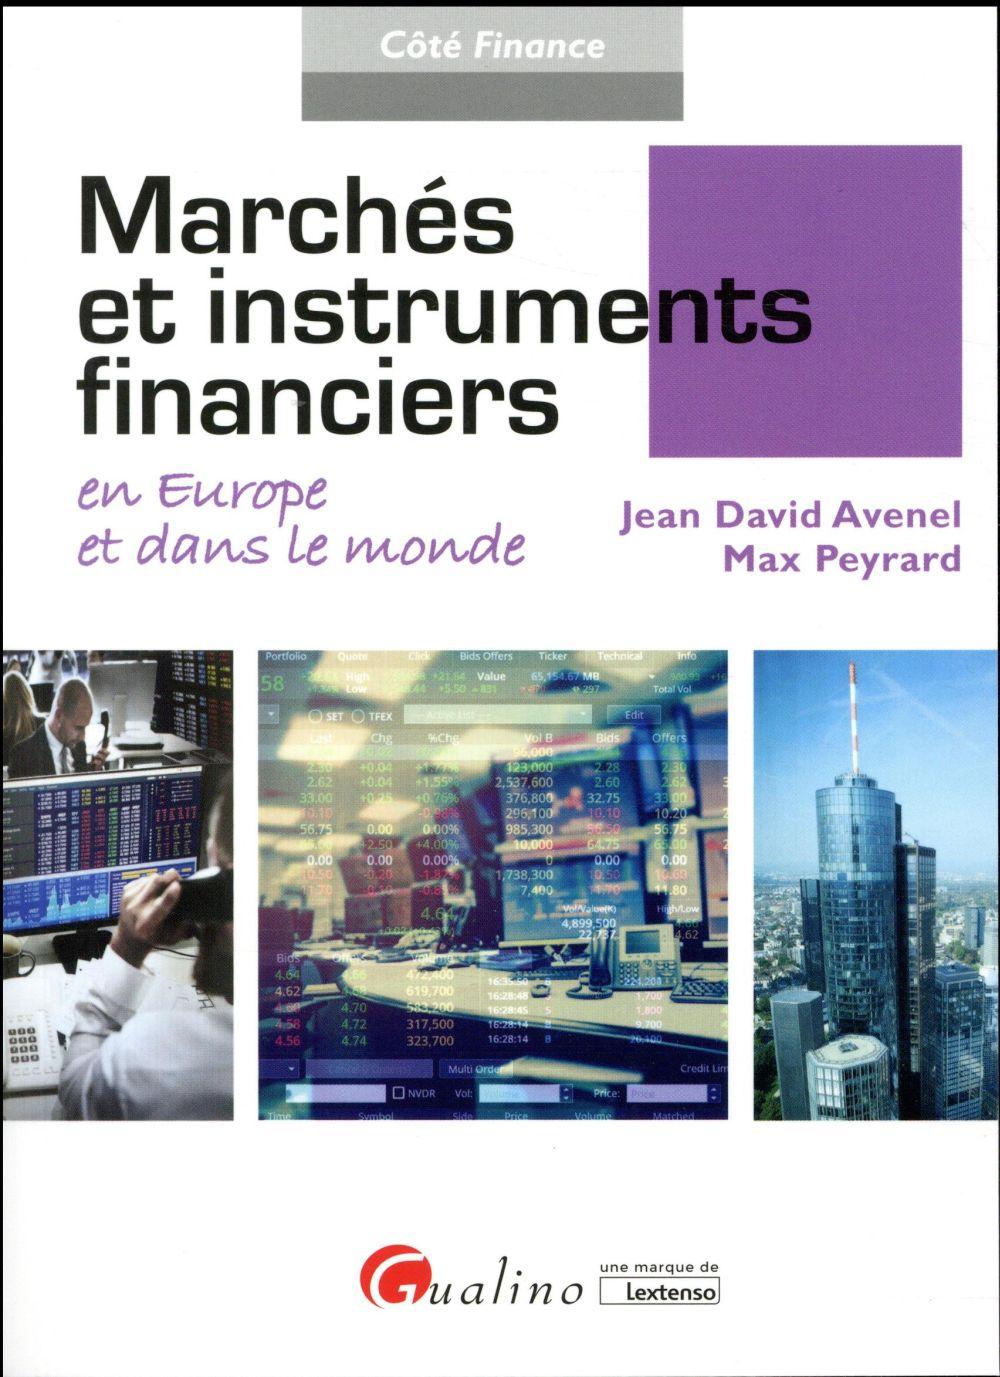 MARCHES ET INSTRUMENTS FINANCIERS EN EUROPE ET DANS LE MONDE